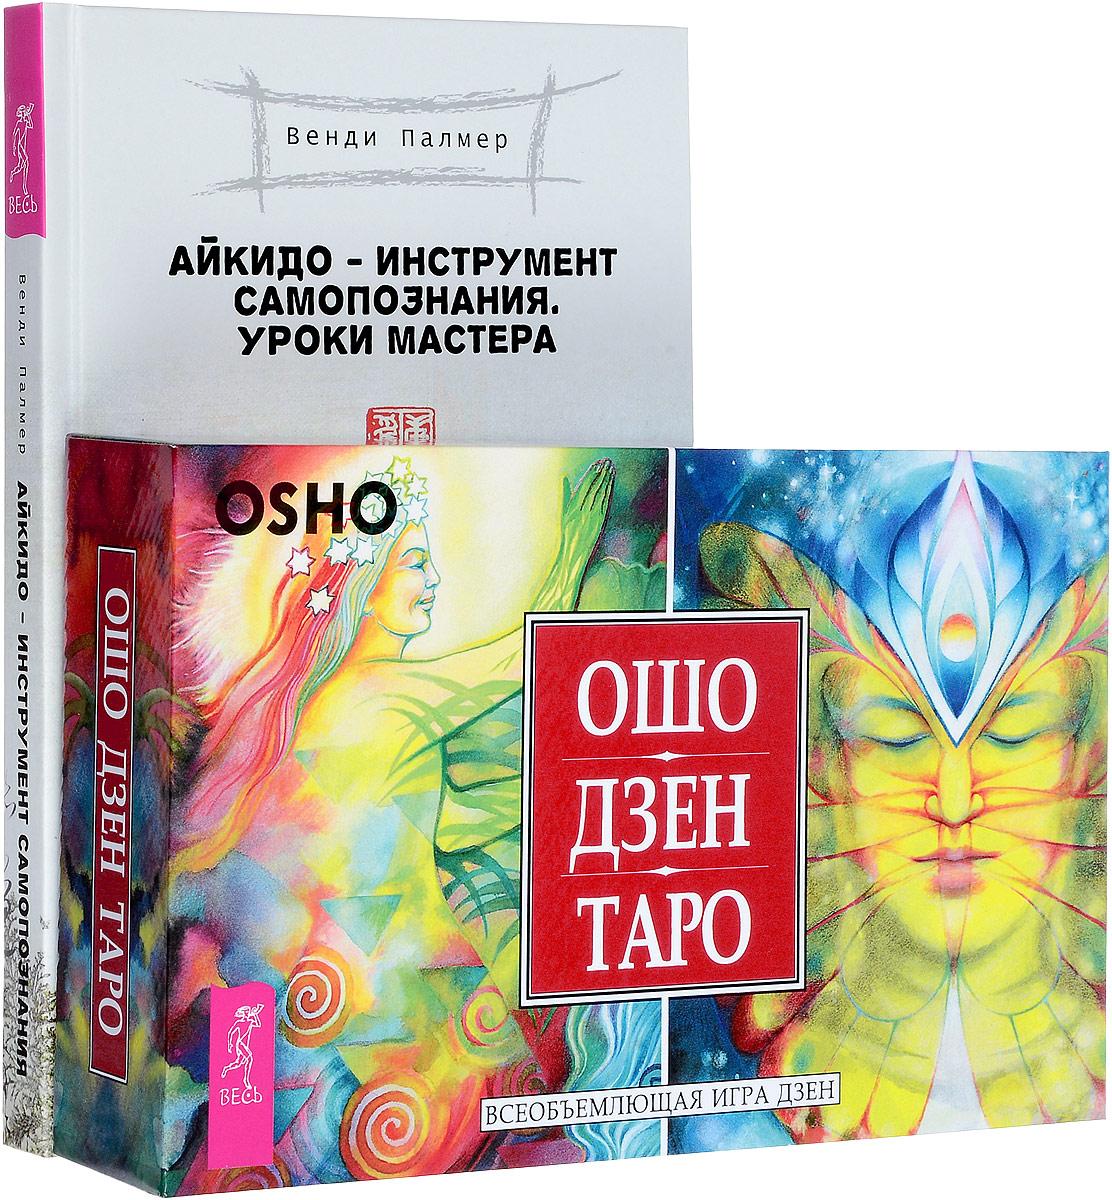 Венди Палмер, Ошо Айкидо - инструмент самопознания. Ошо Дзен Таро (комплект из 2 книг + 79 карт) ошо нирвана последний кошмар поиск ошо дзен таро комплект из 3 книг 79 карт